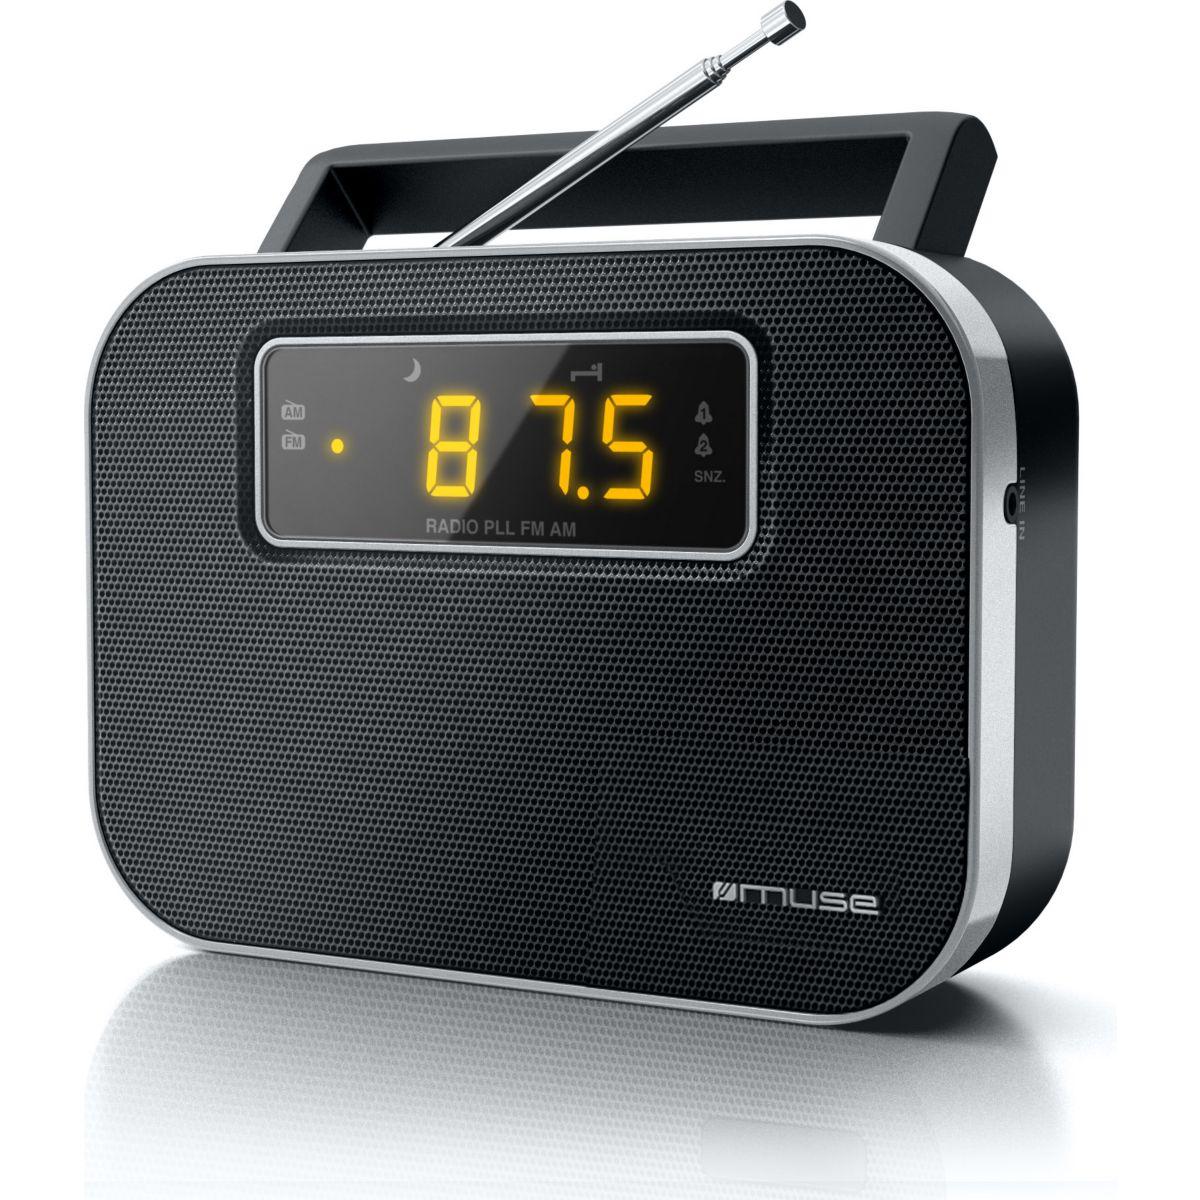 Radio analogique muse m-081r - 2% de remise imm?diate avec le ...